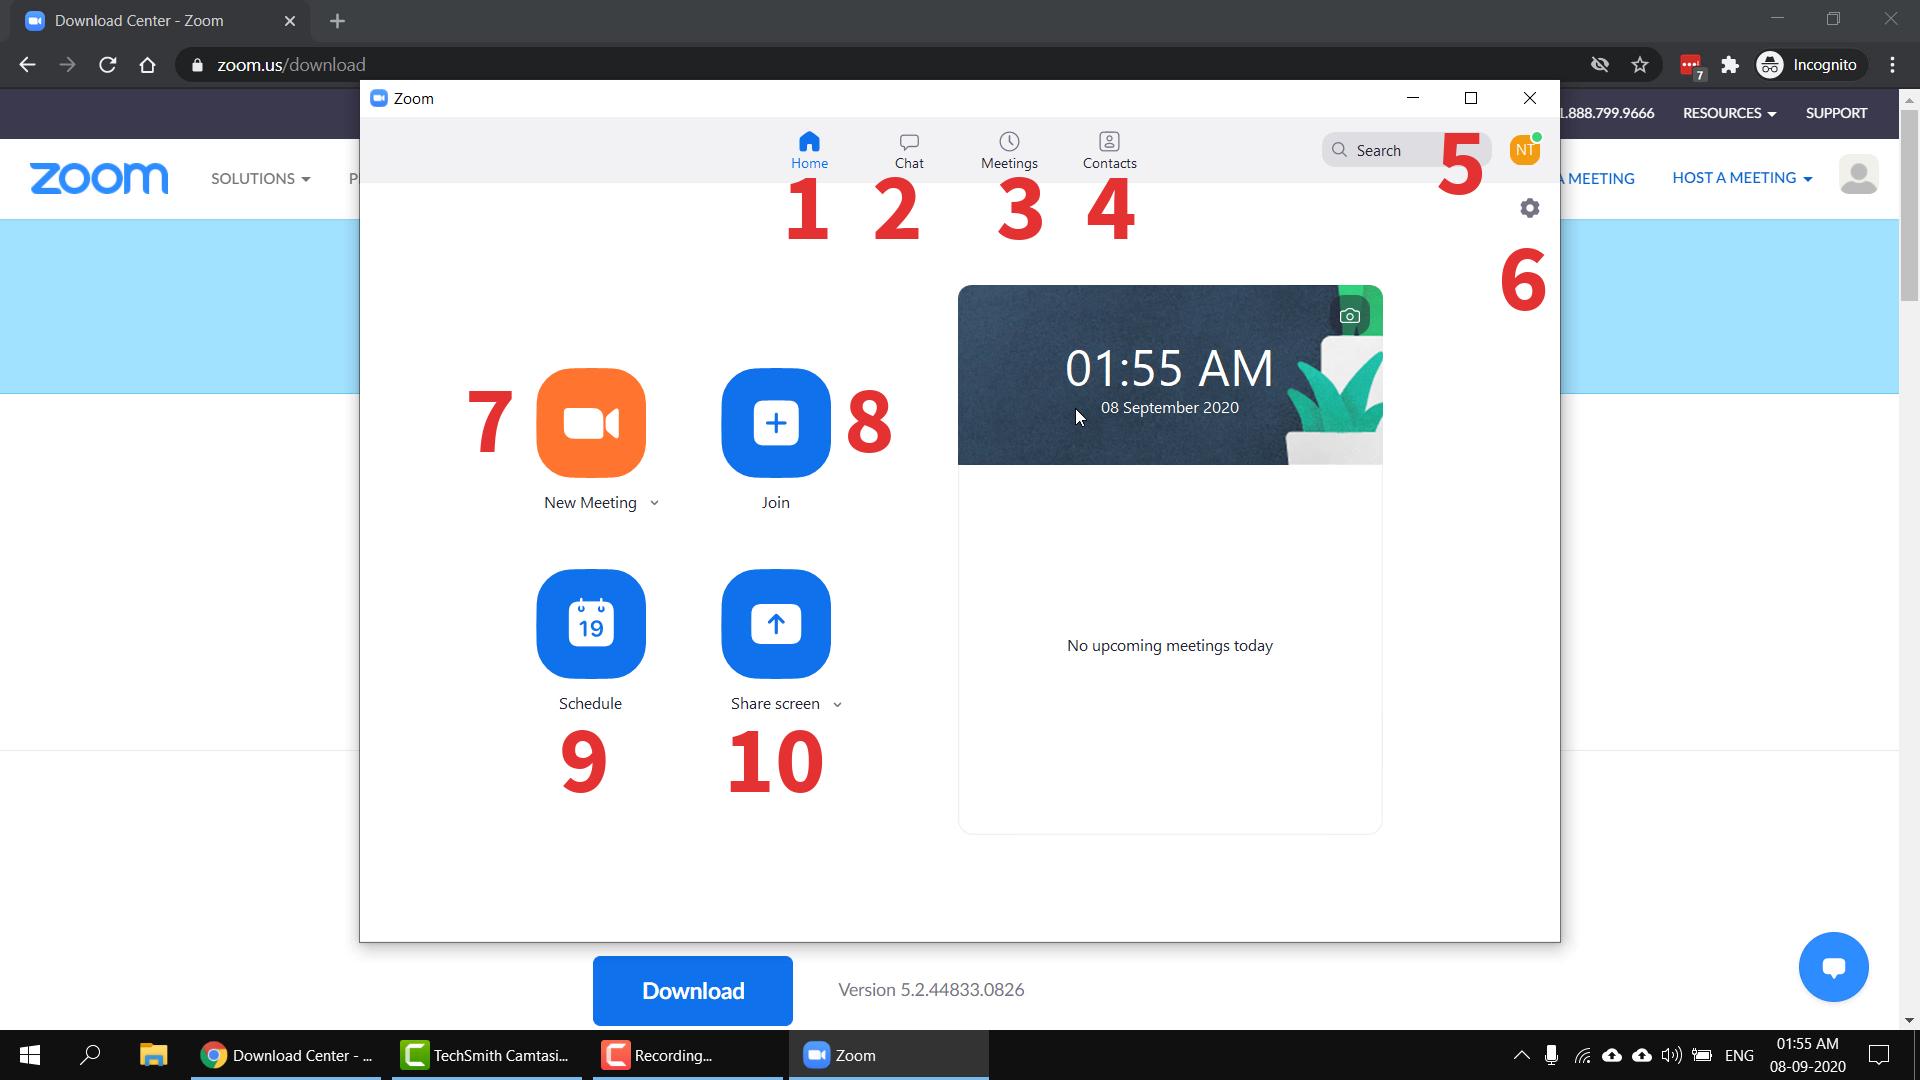 Zoom Cloud Meetings Main Page Screengrab